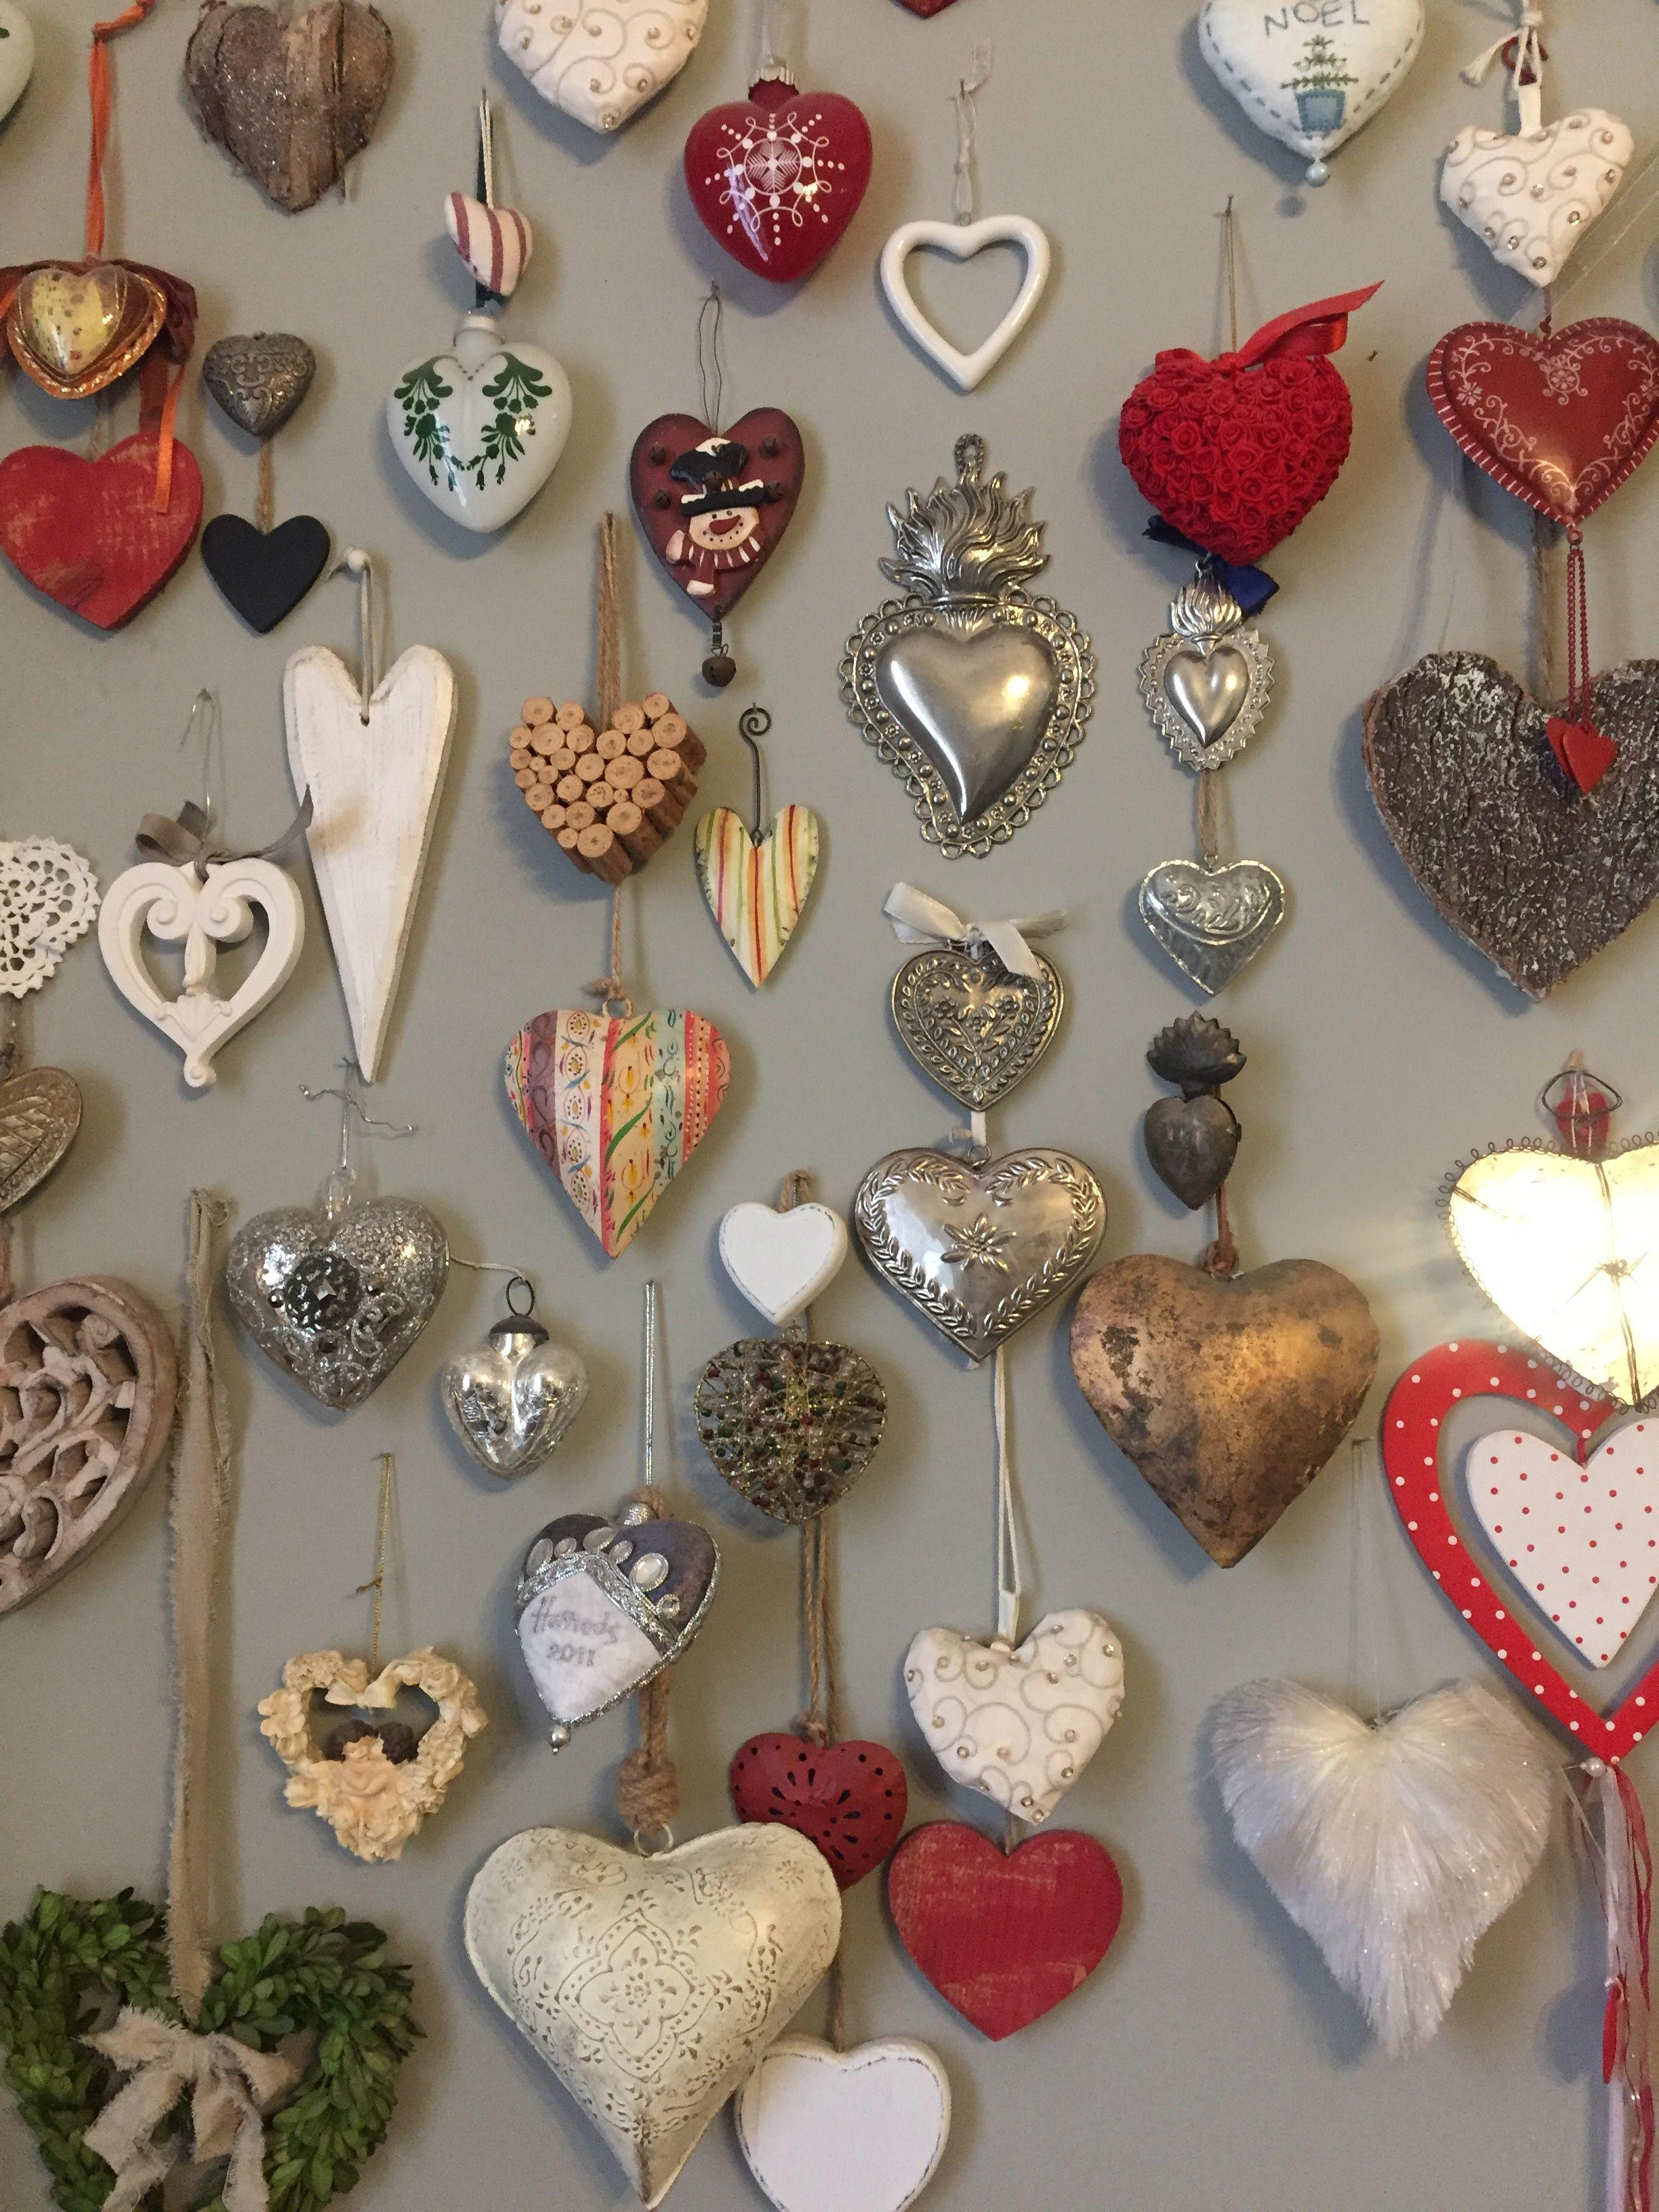 Pin By Cristina De On Heart Heart Crafts Heart Art Fire Heart